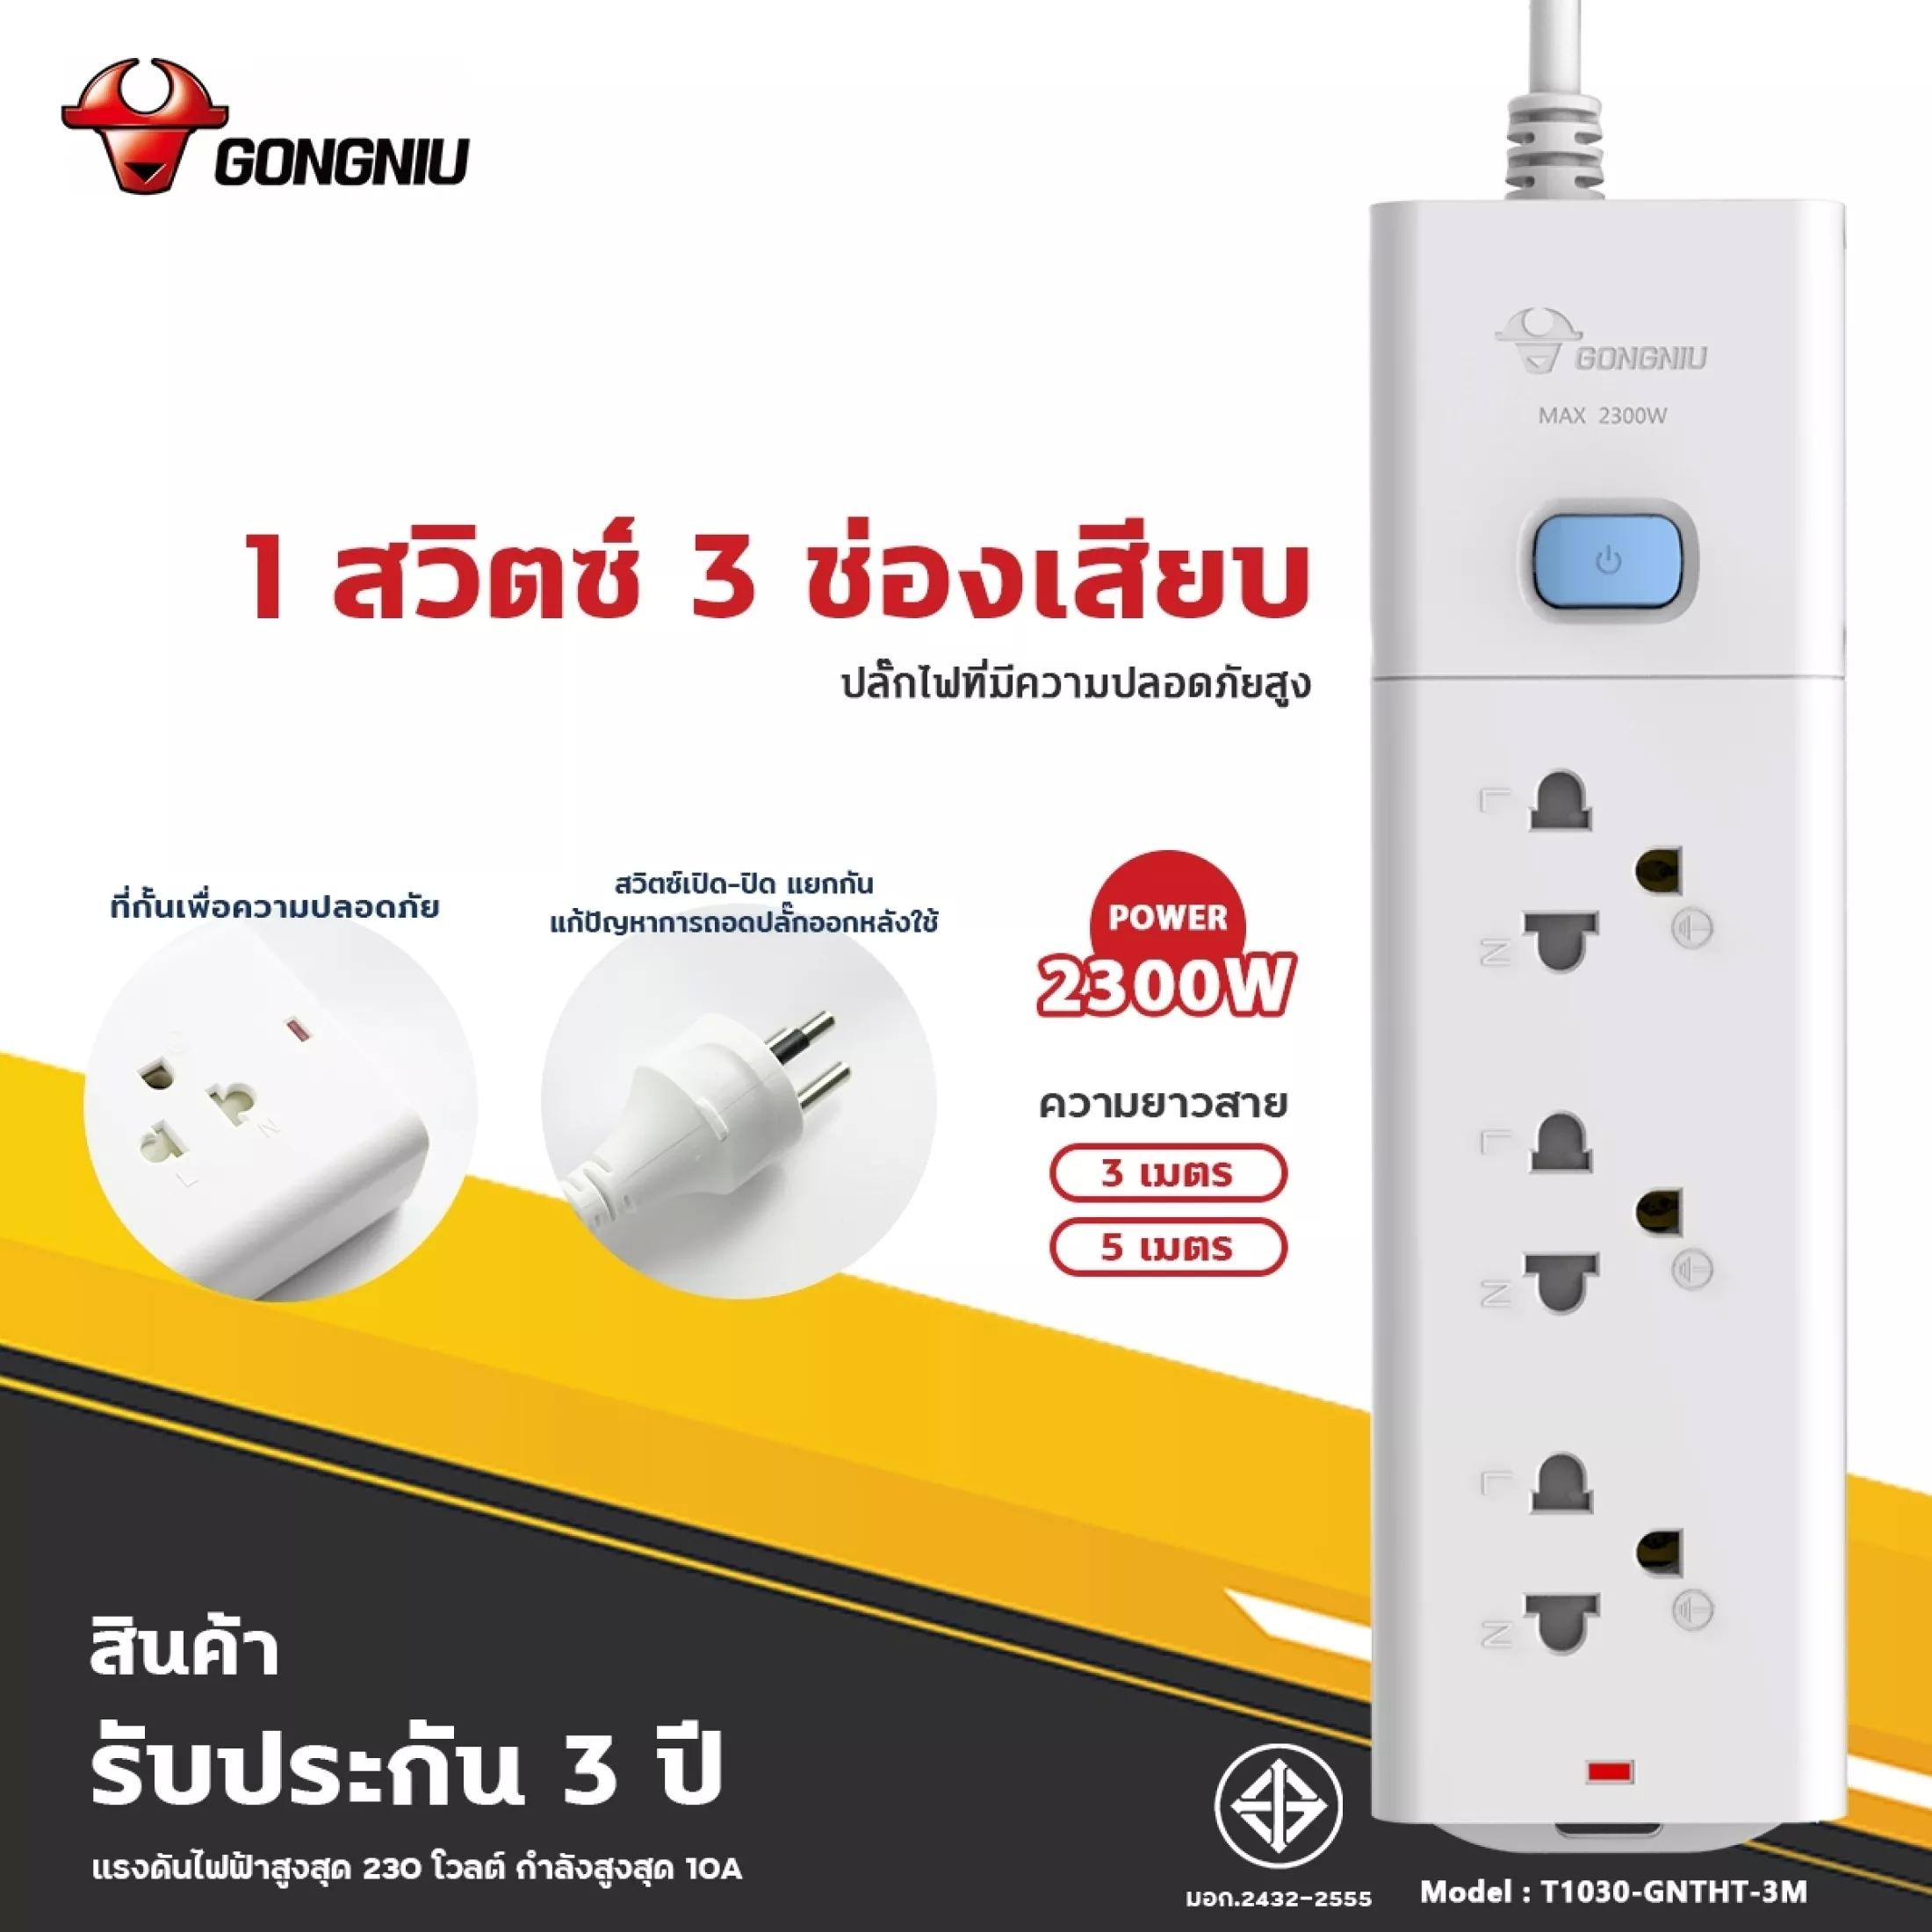 ปลั๊กไฟ GONGNIU มี 3-6ช่อง 2USB กำลังสูงสุด 2300-4000W ปลั๊กไฟ 3 ตา สายไฟยาว 3/5 เมตร มาตรฐาน มอก วัสดุทนไฟ750องศา รับประกันนาน 3 ปี ปลั๊กไฟมาตรฐา